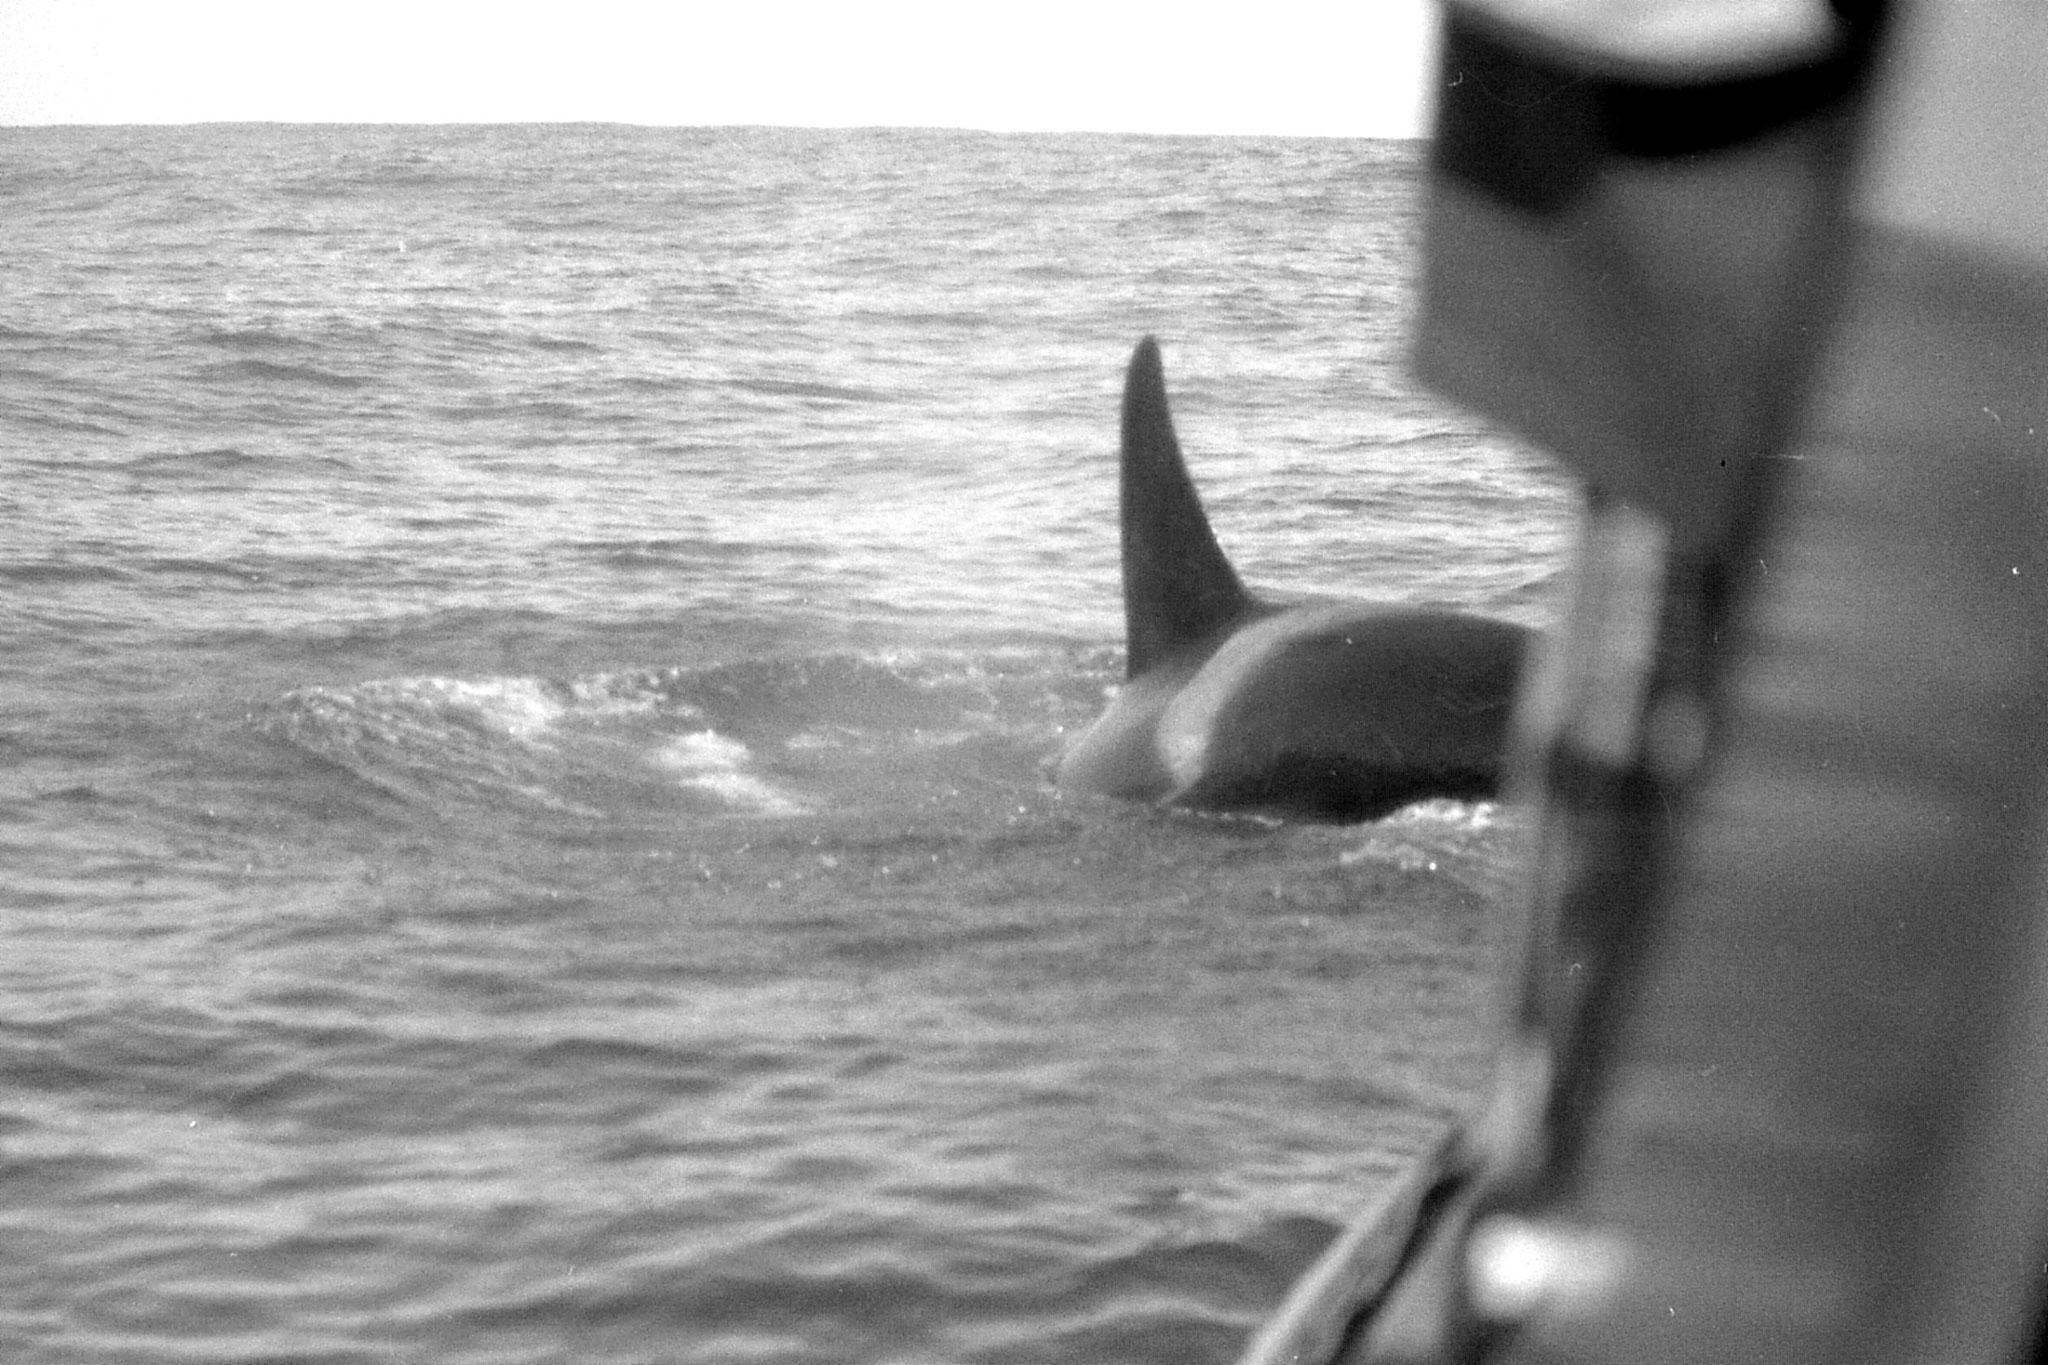 9/8/1990: 15:Kaikoura: killer whale